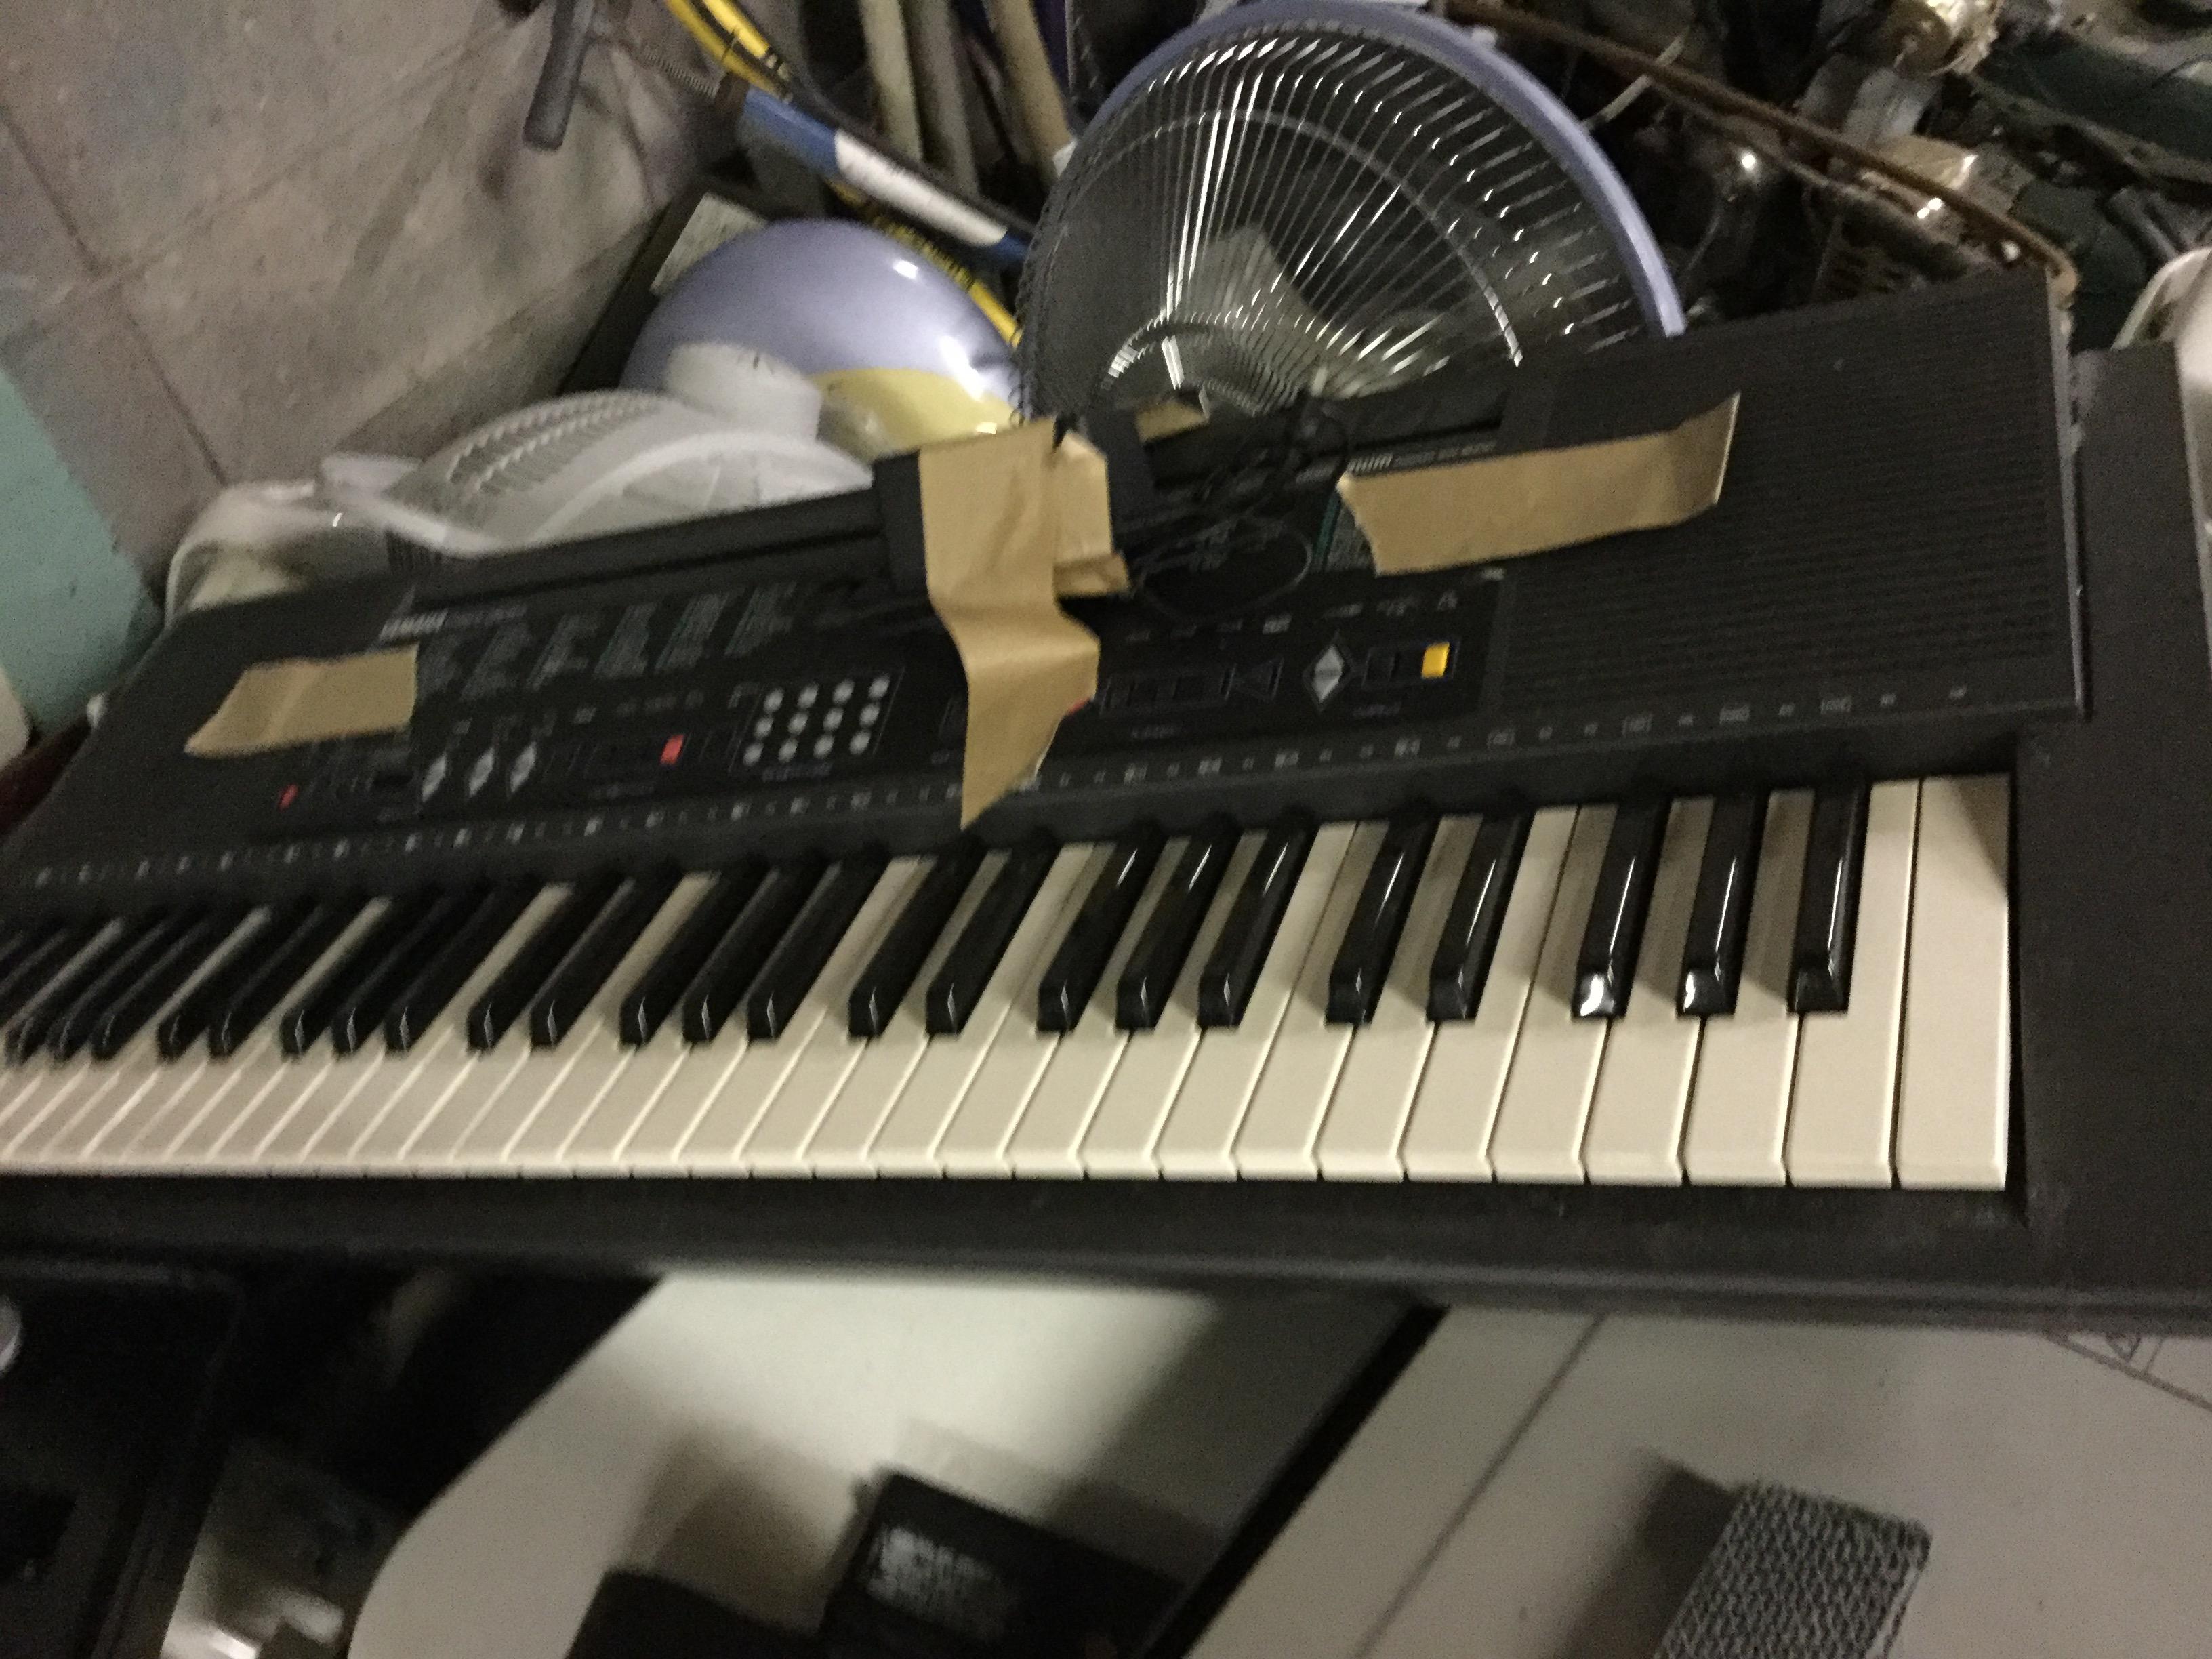 福山市神辺町付近で回収したキーボード